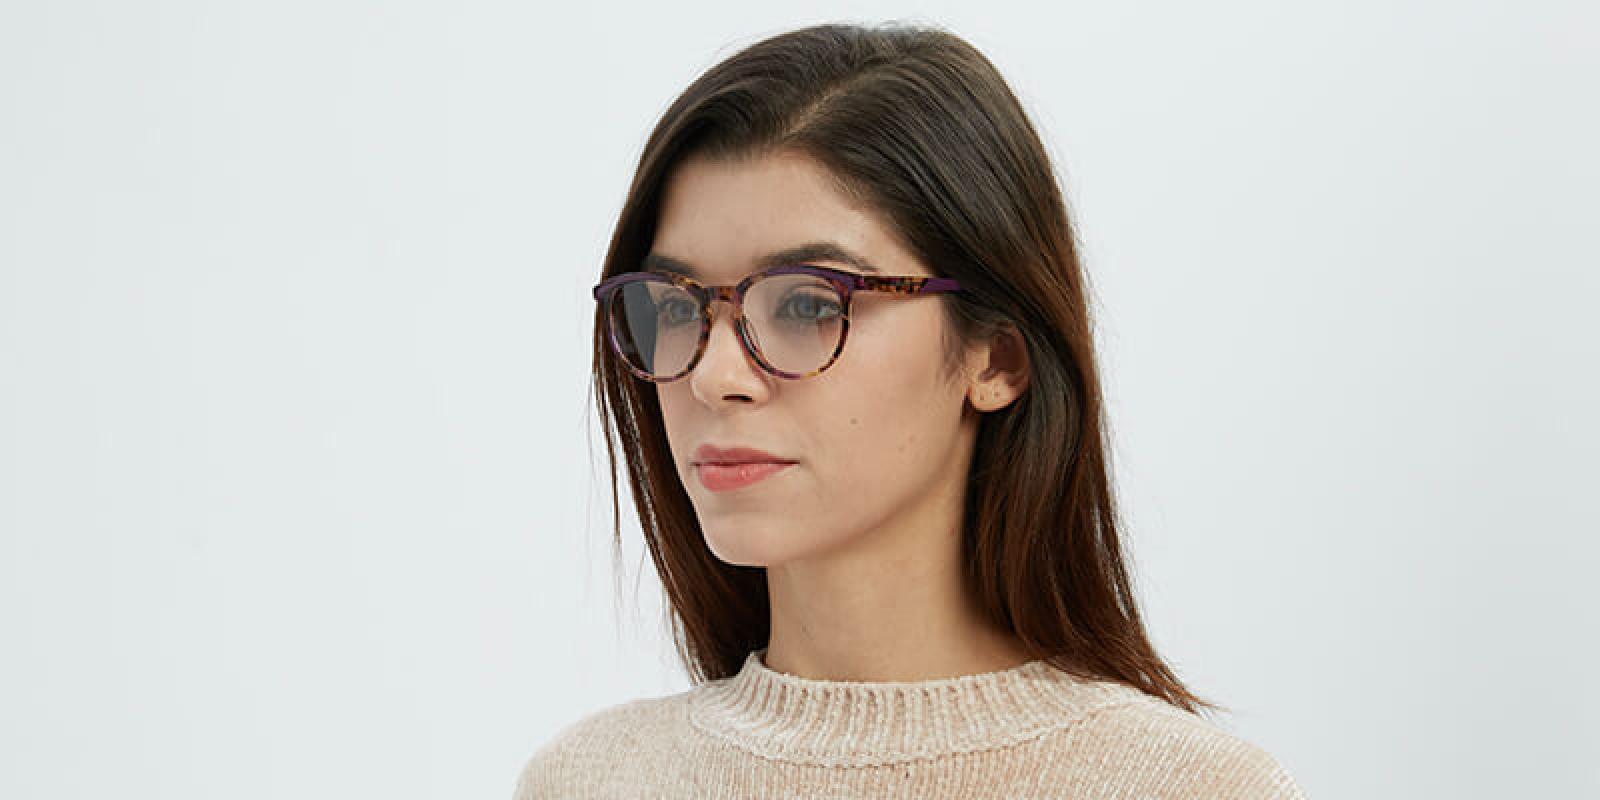 Deborah-Purple-Acetate-Eyeglasses-detail2